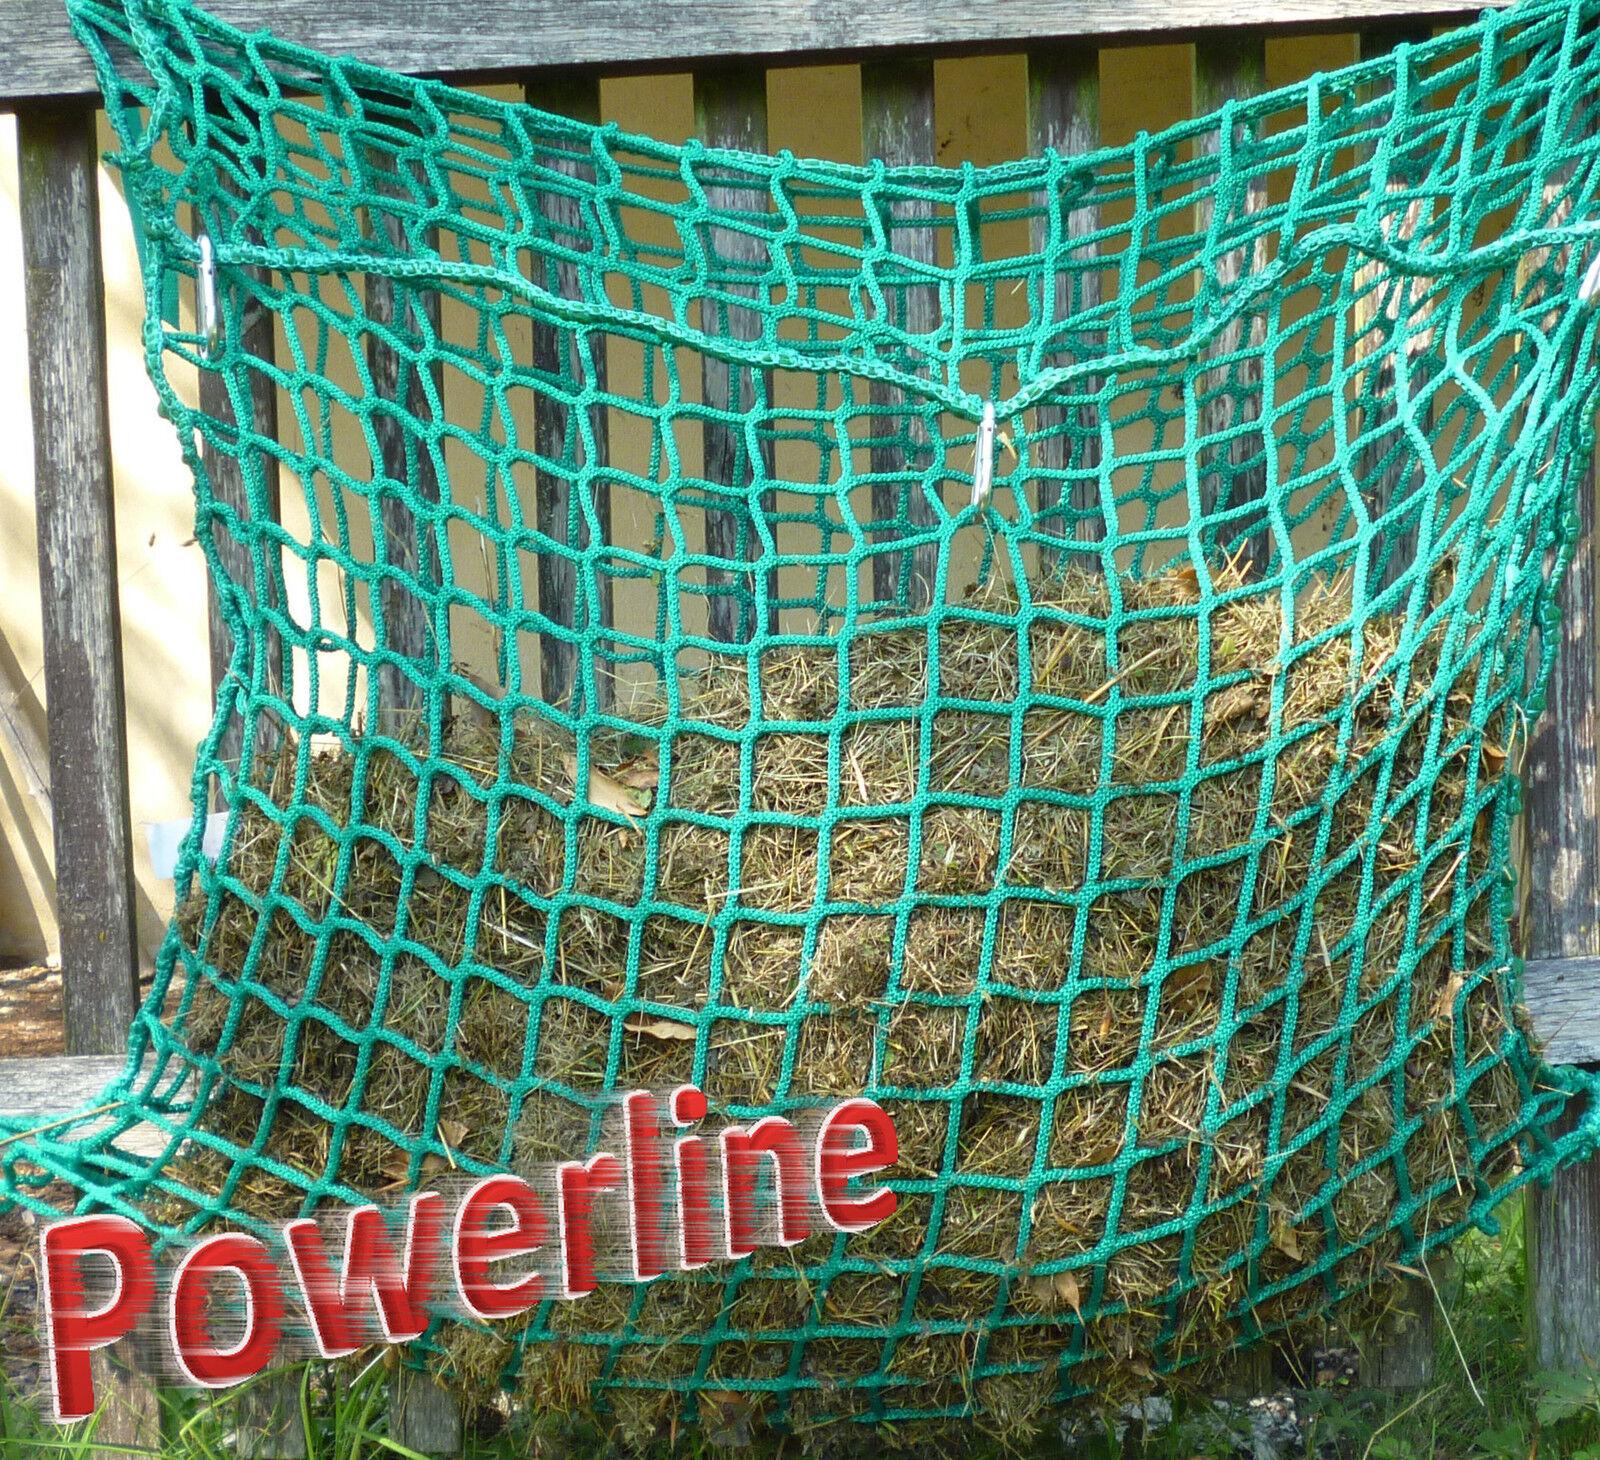 Powerline Taschen Großraumheunetz 2m breit, MW 3,5cm, zum Befüllen, Heunetz